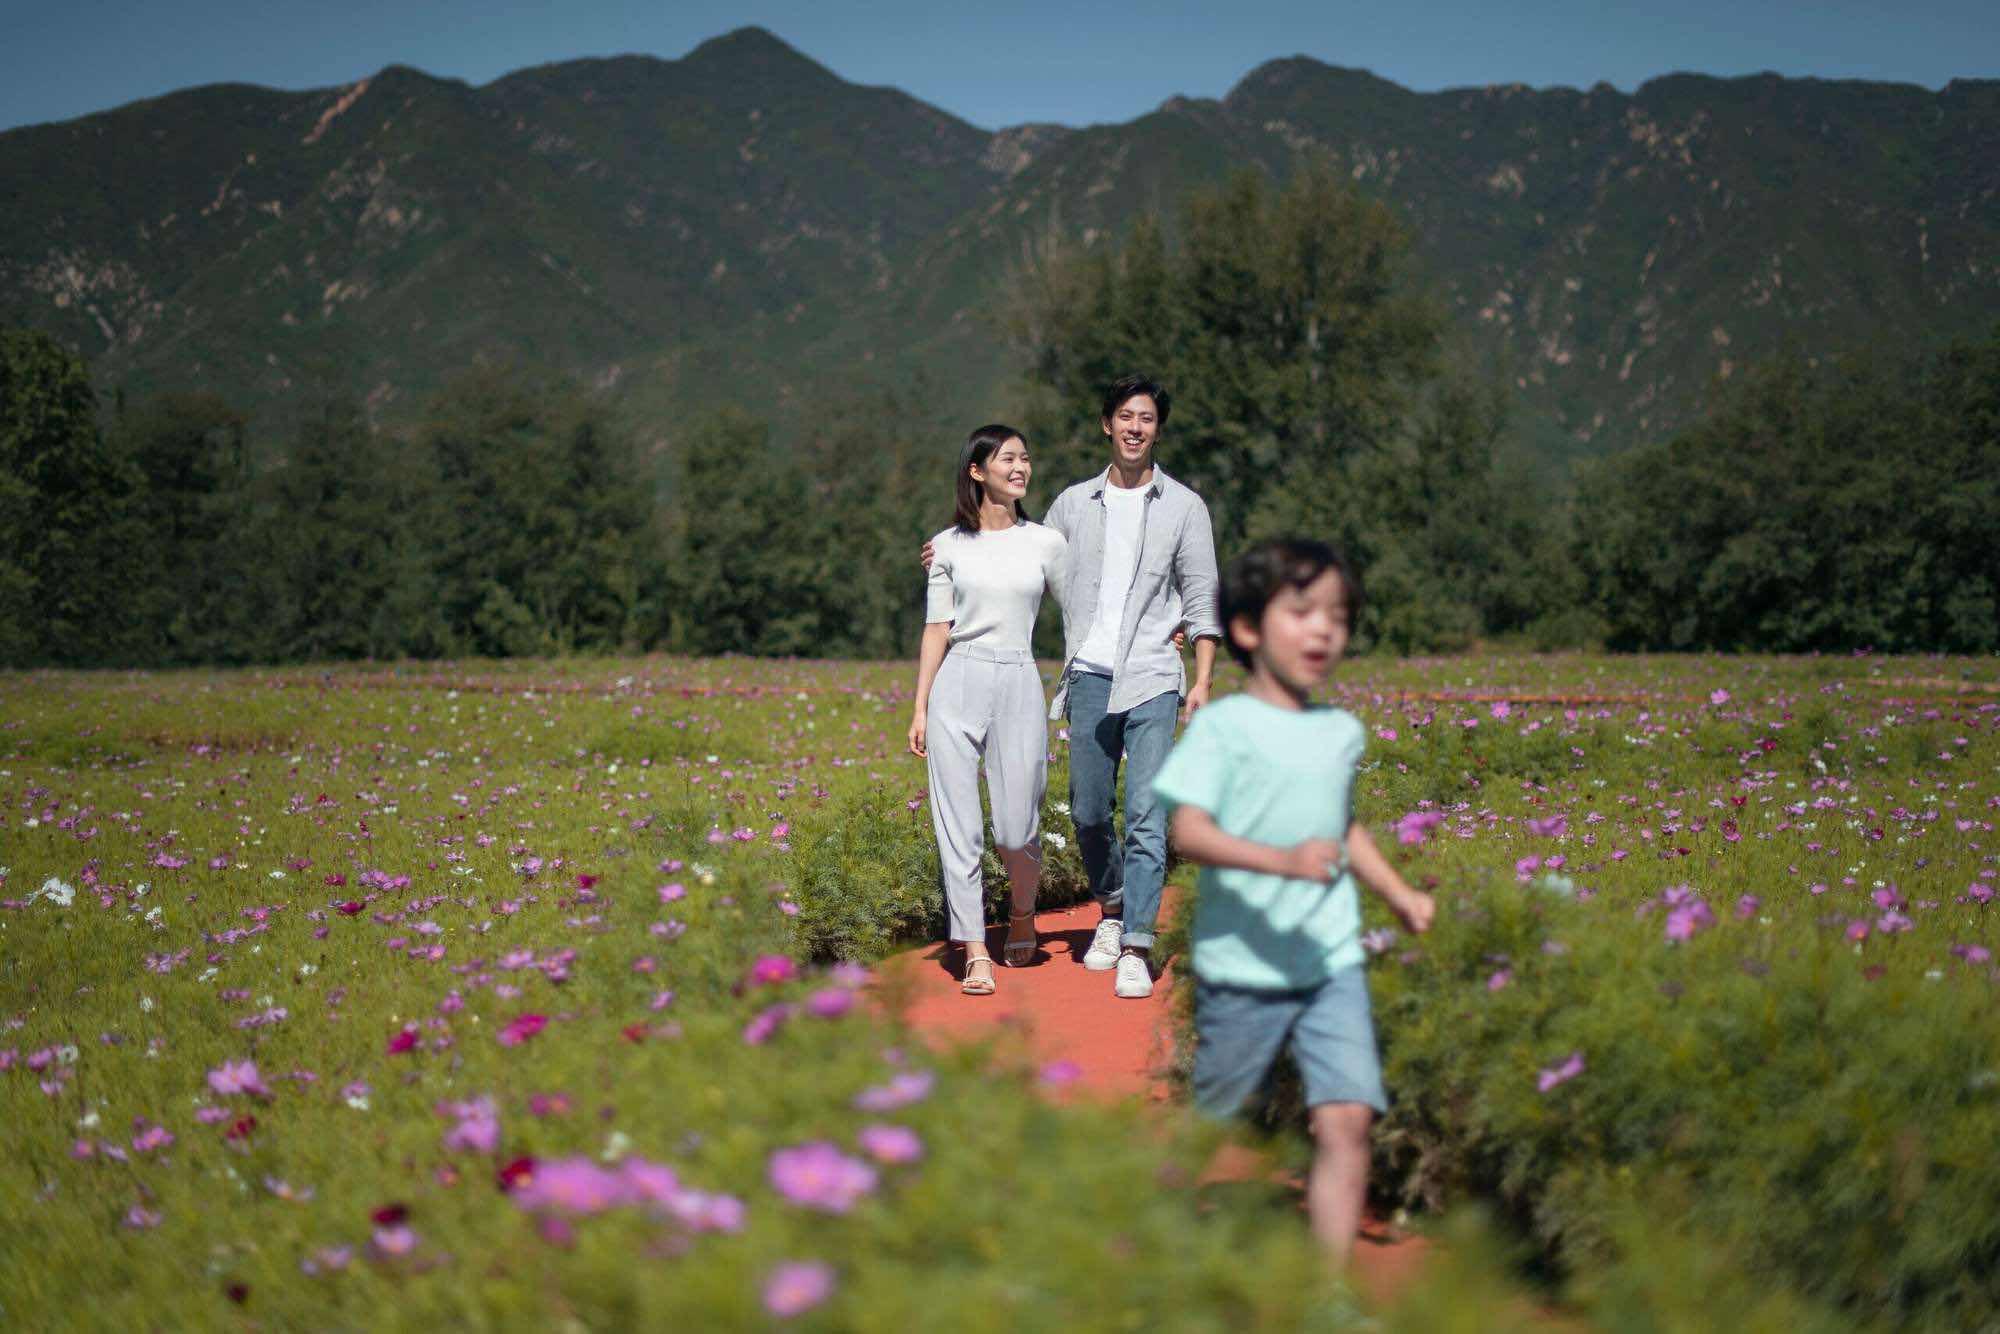 北京延庆ClubMed Joyview度假村,4岁以下免费入住【亲子童乐汇】